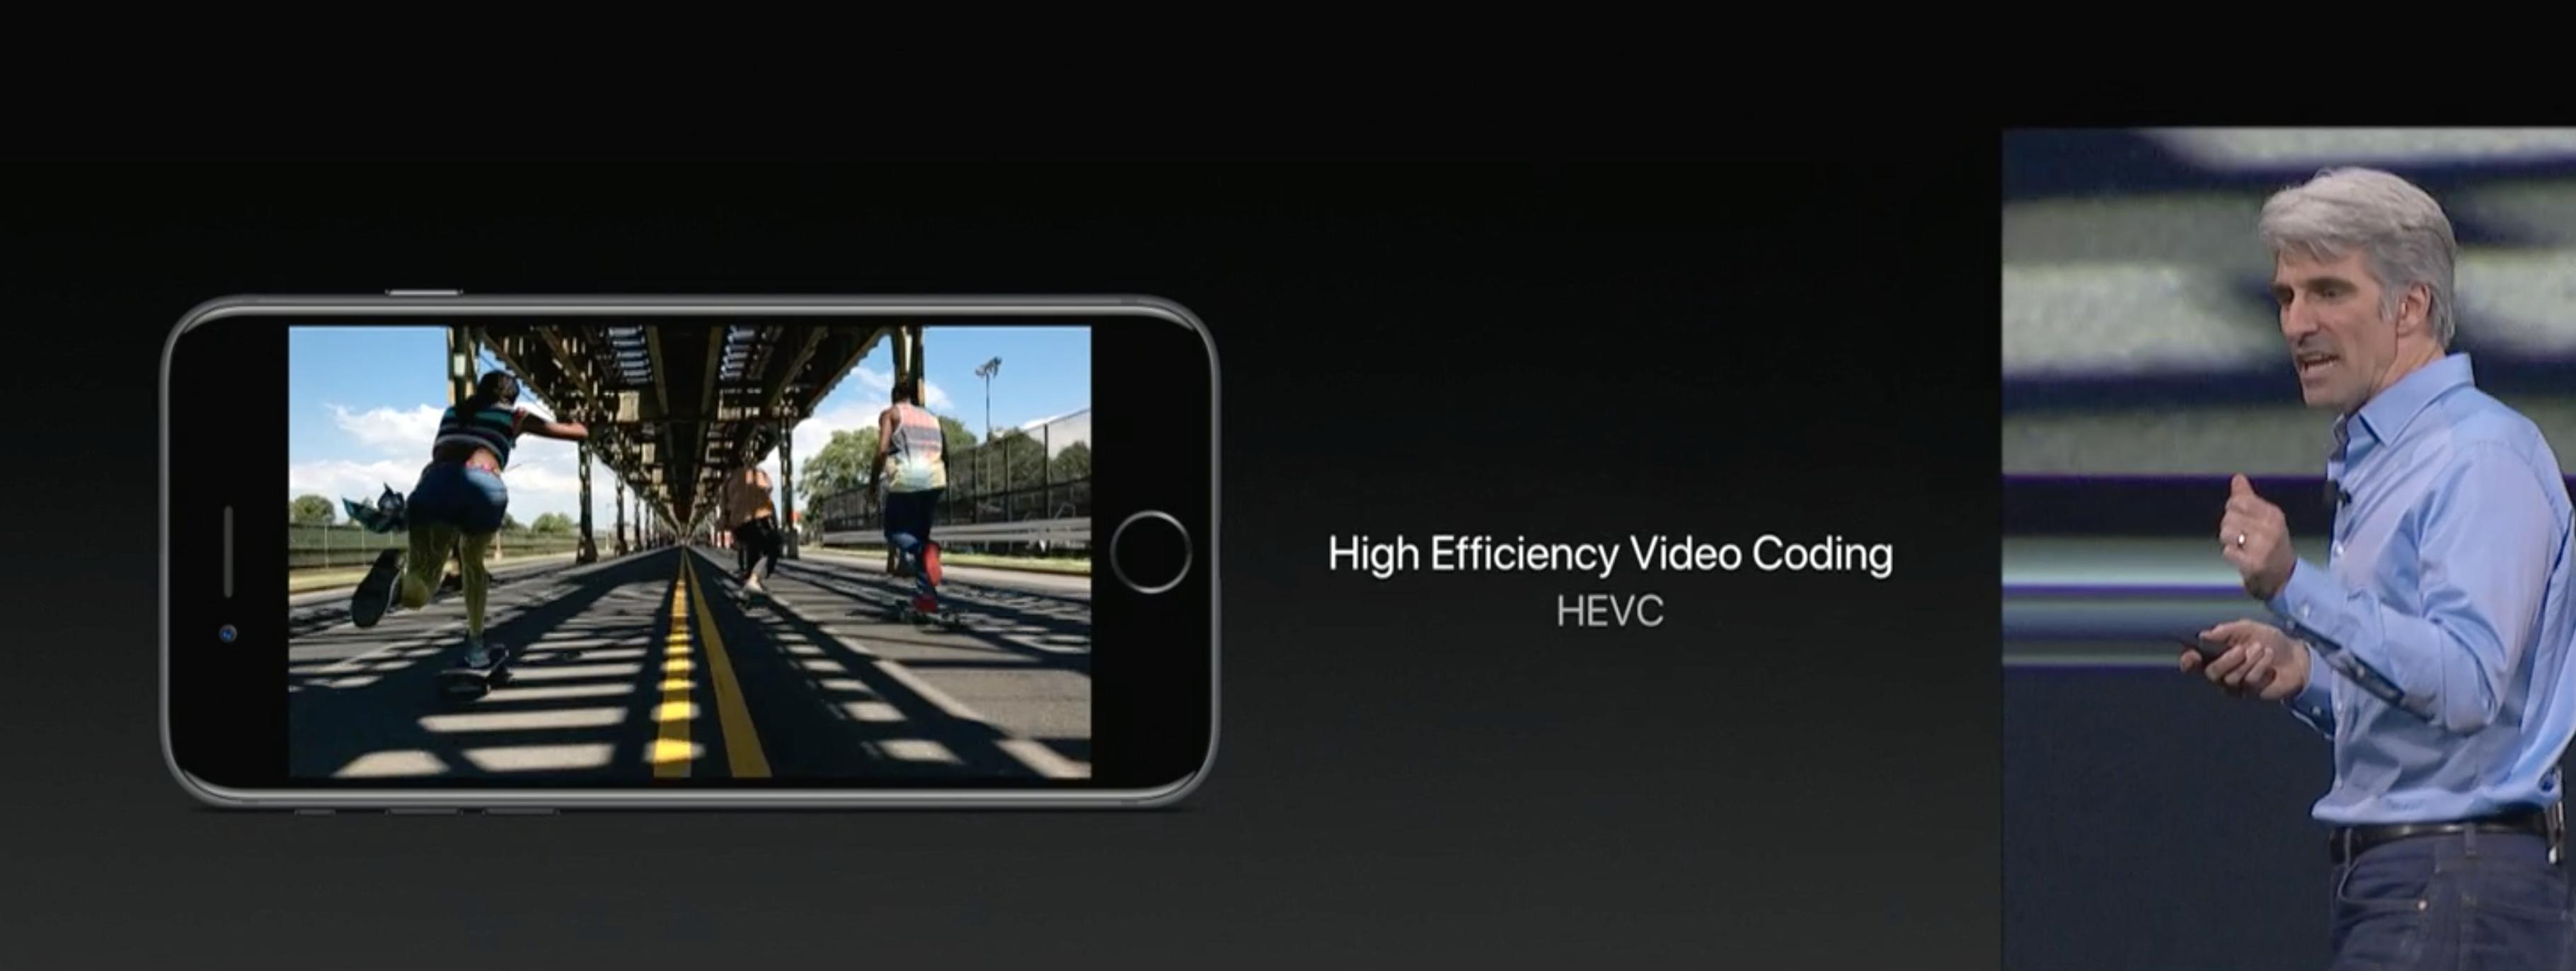 Ny video- og bildestandard på iOS.